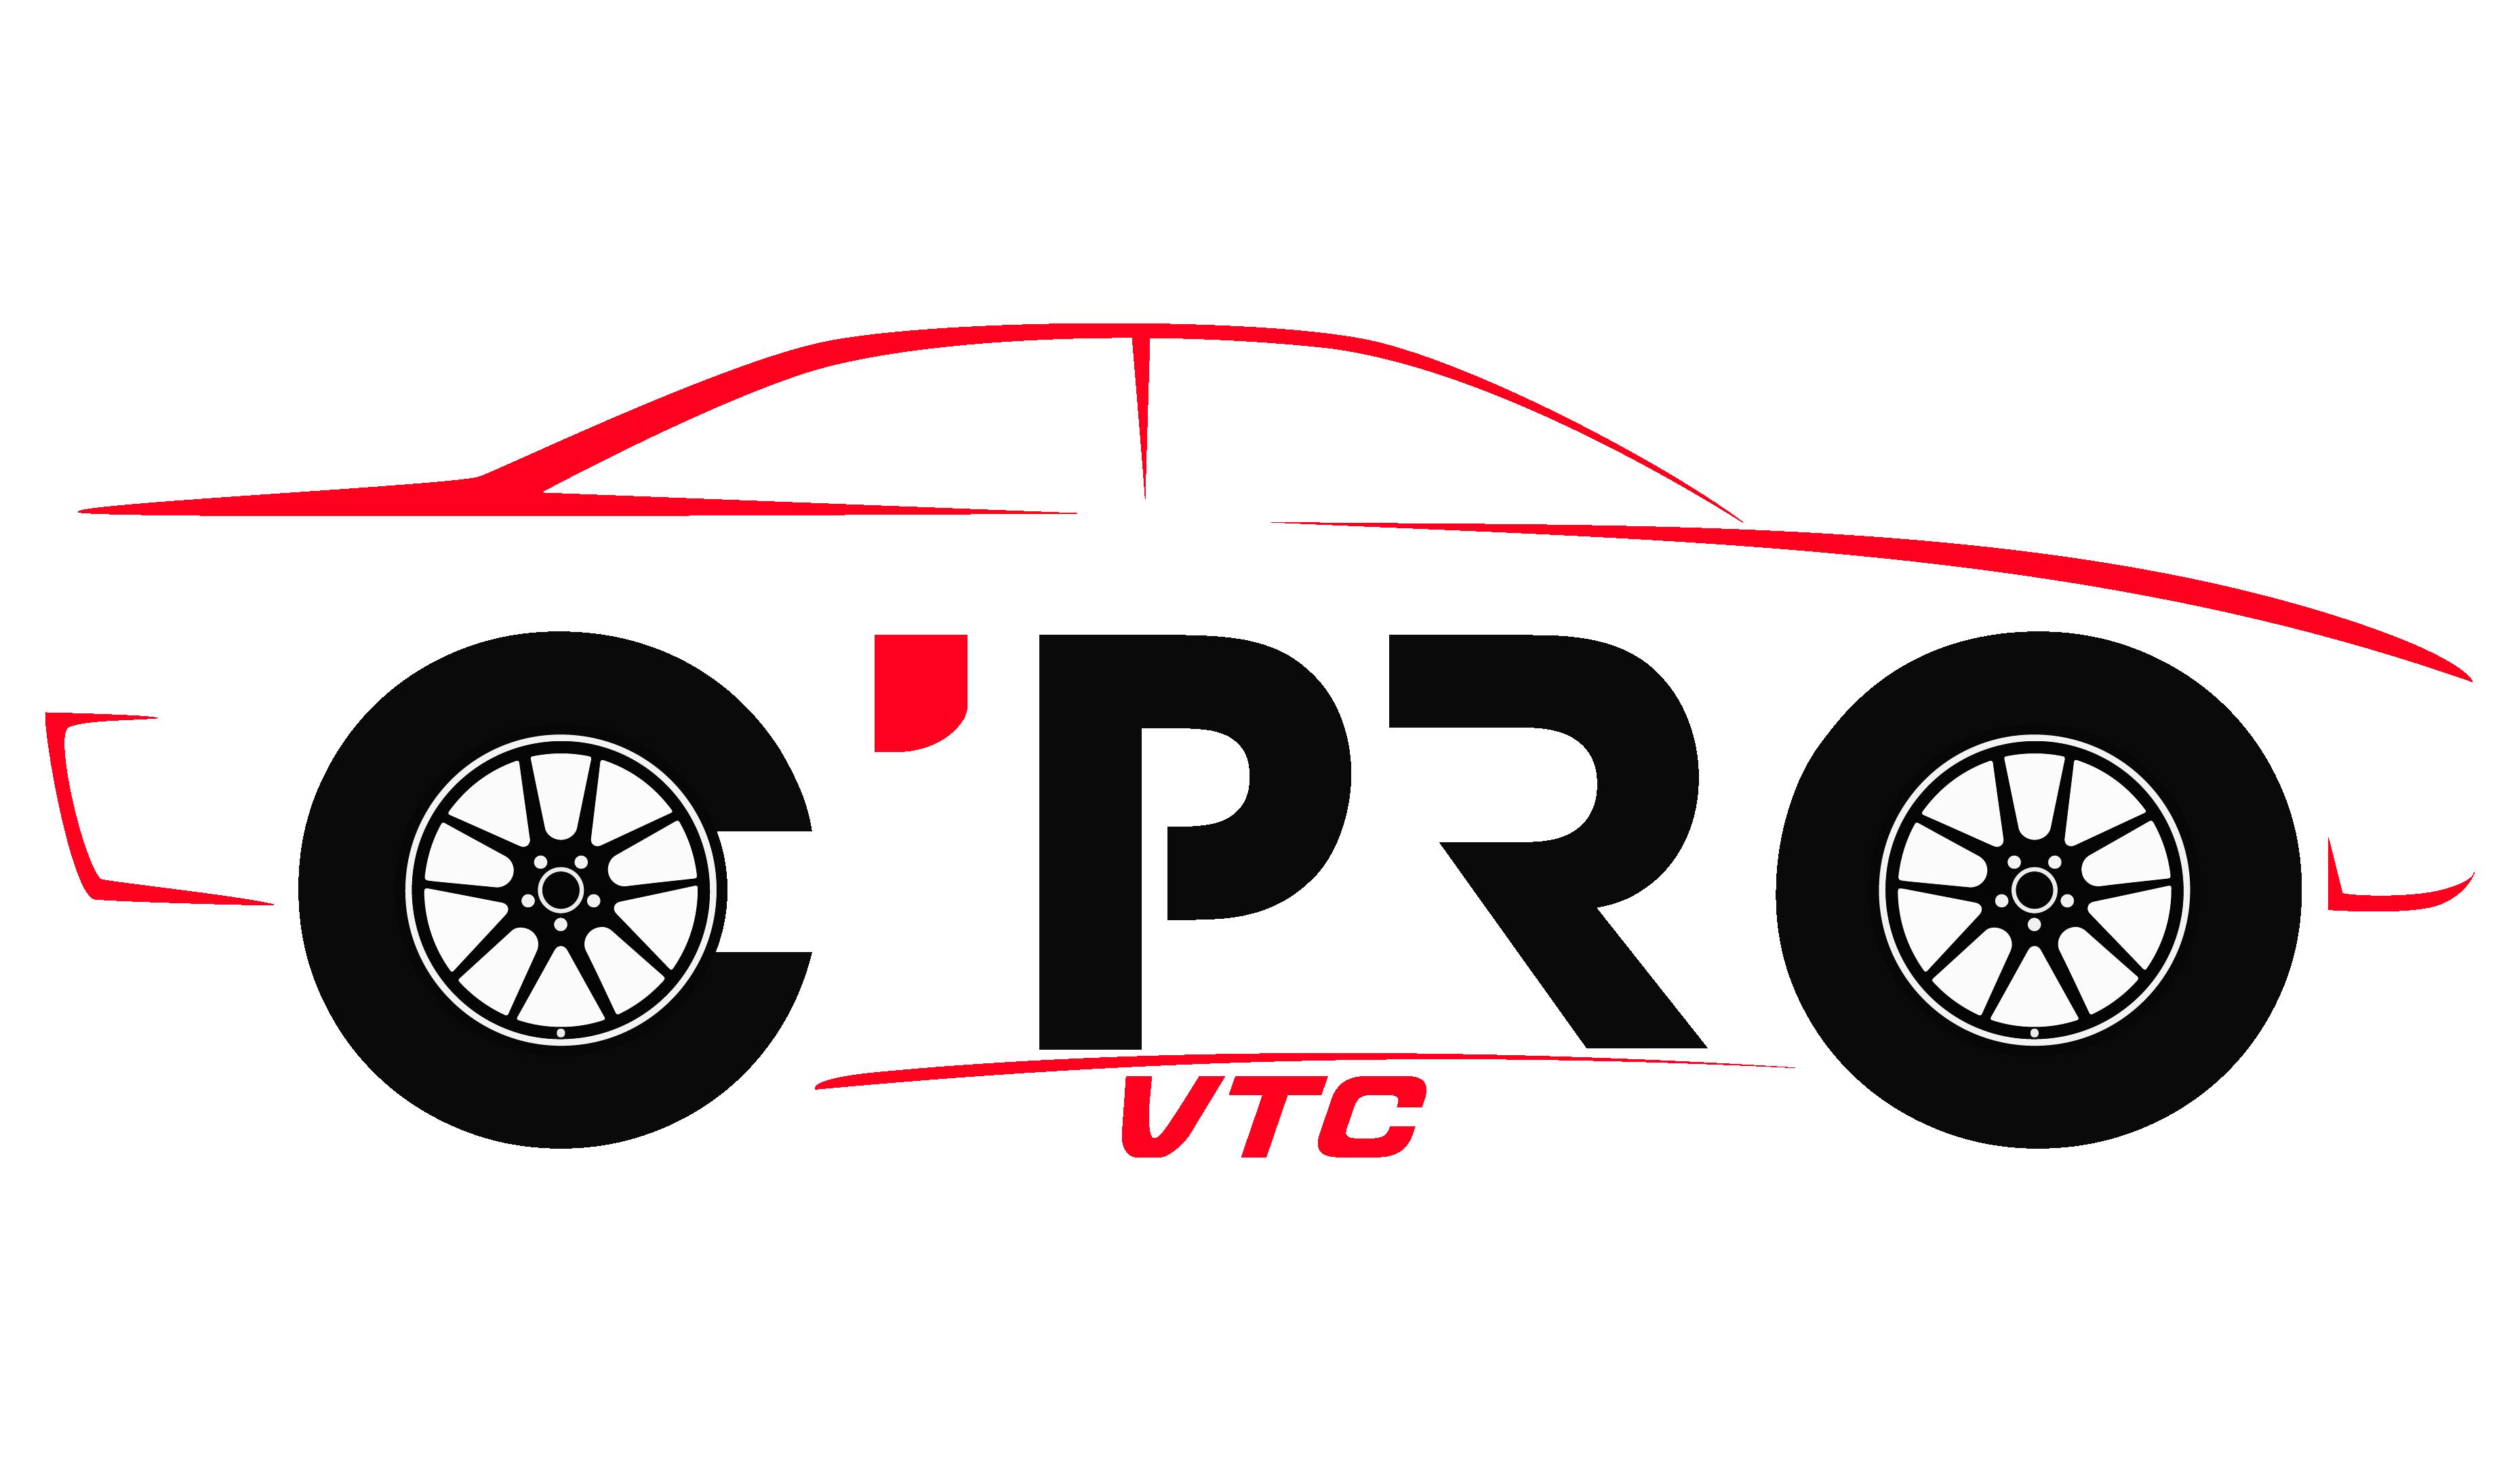 logo c'pro vtc